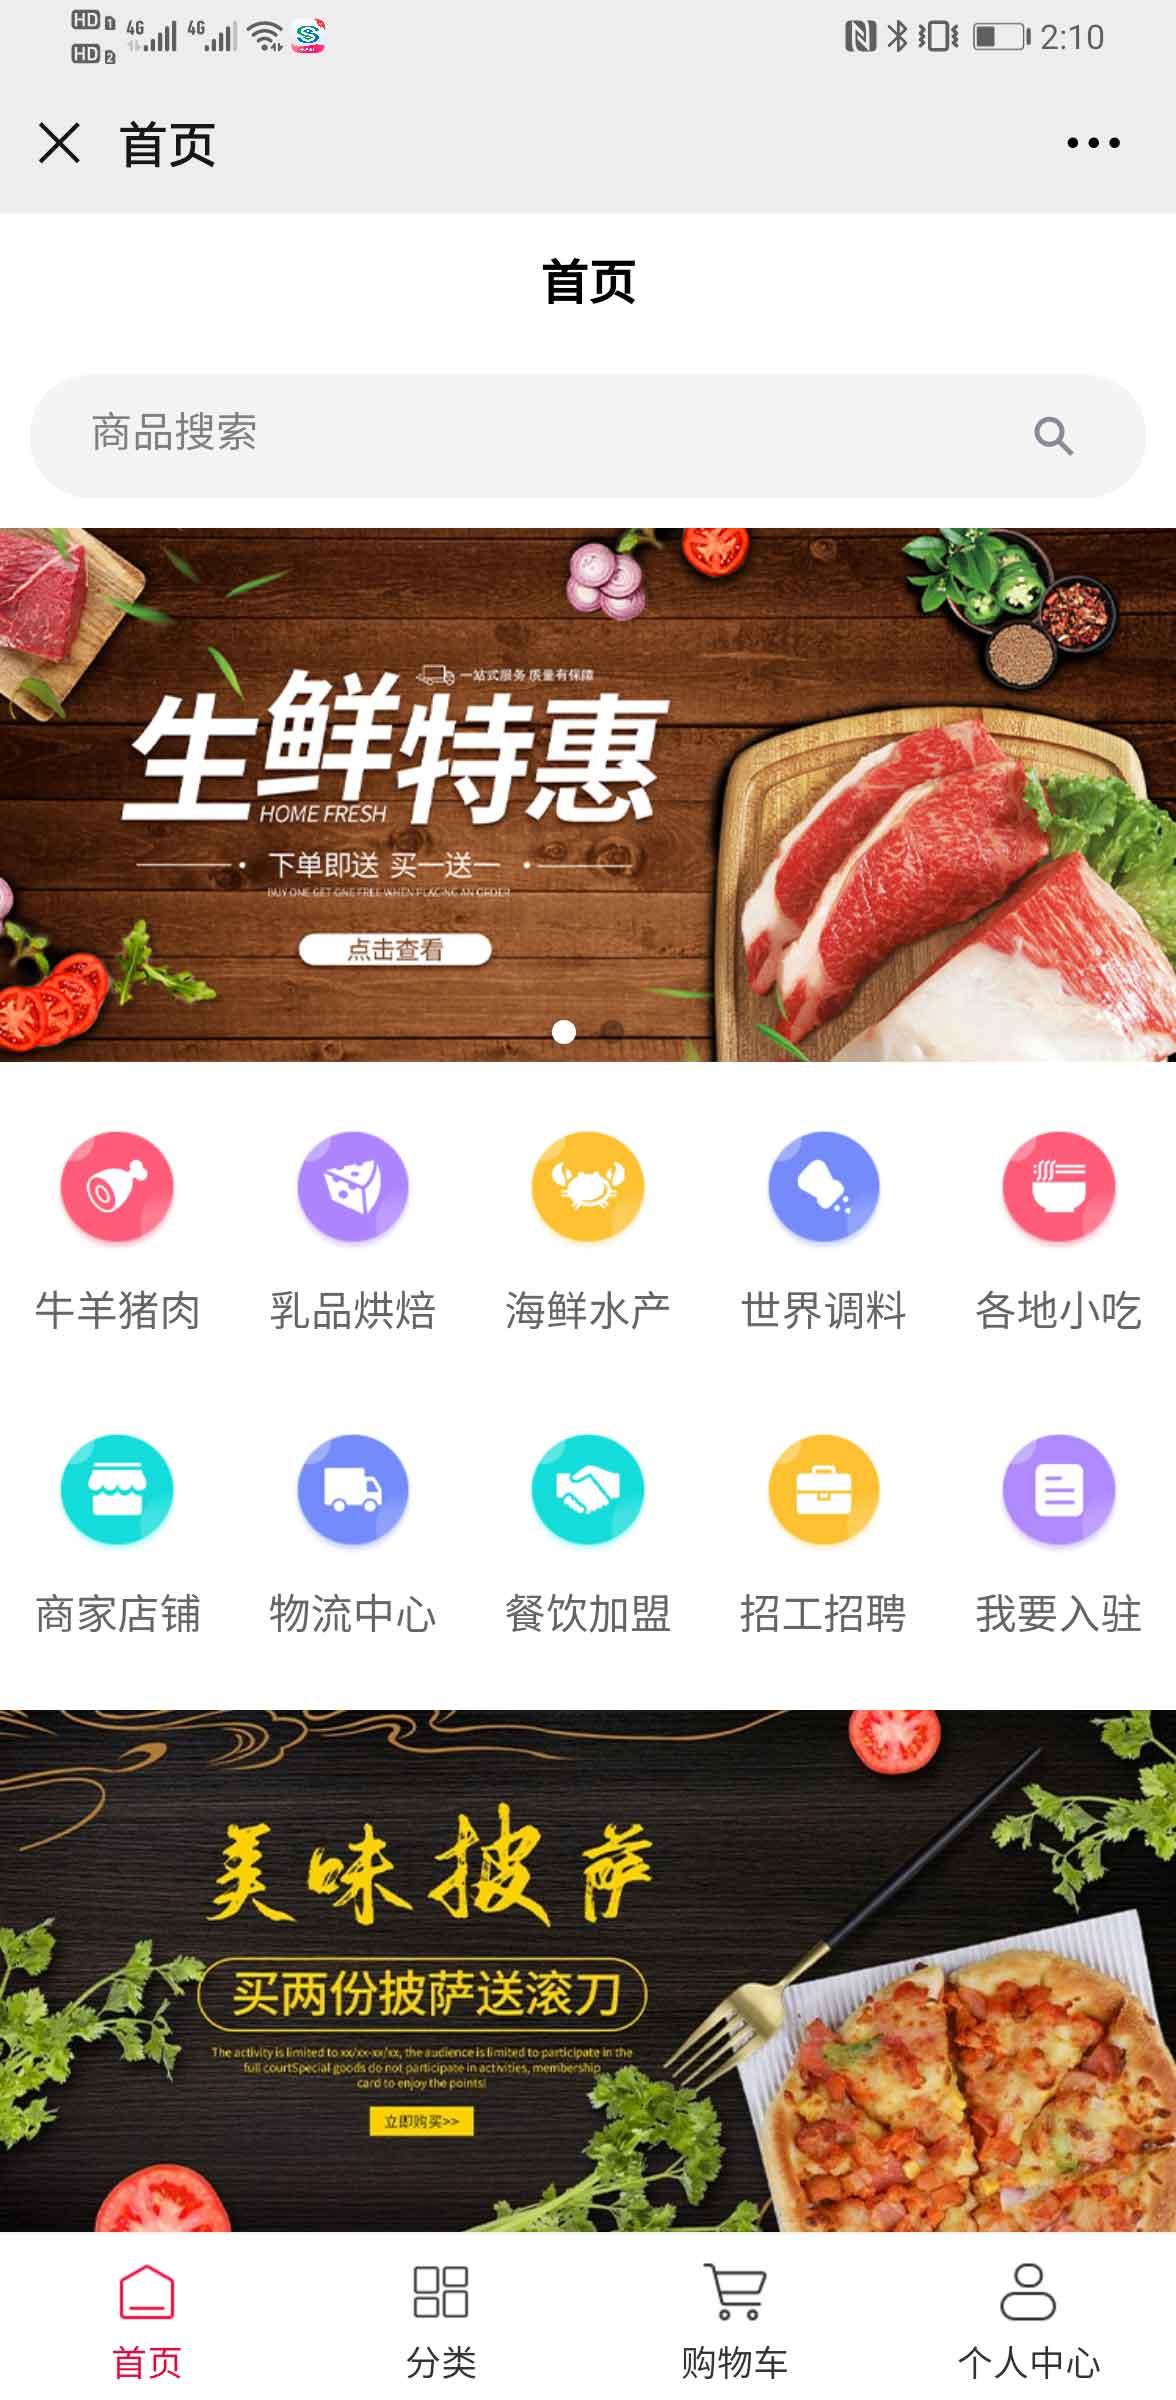 进口水果_世昌荣发口碑好∞的好菜之家app供应